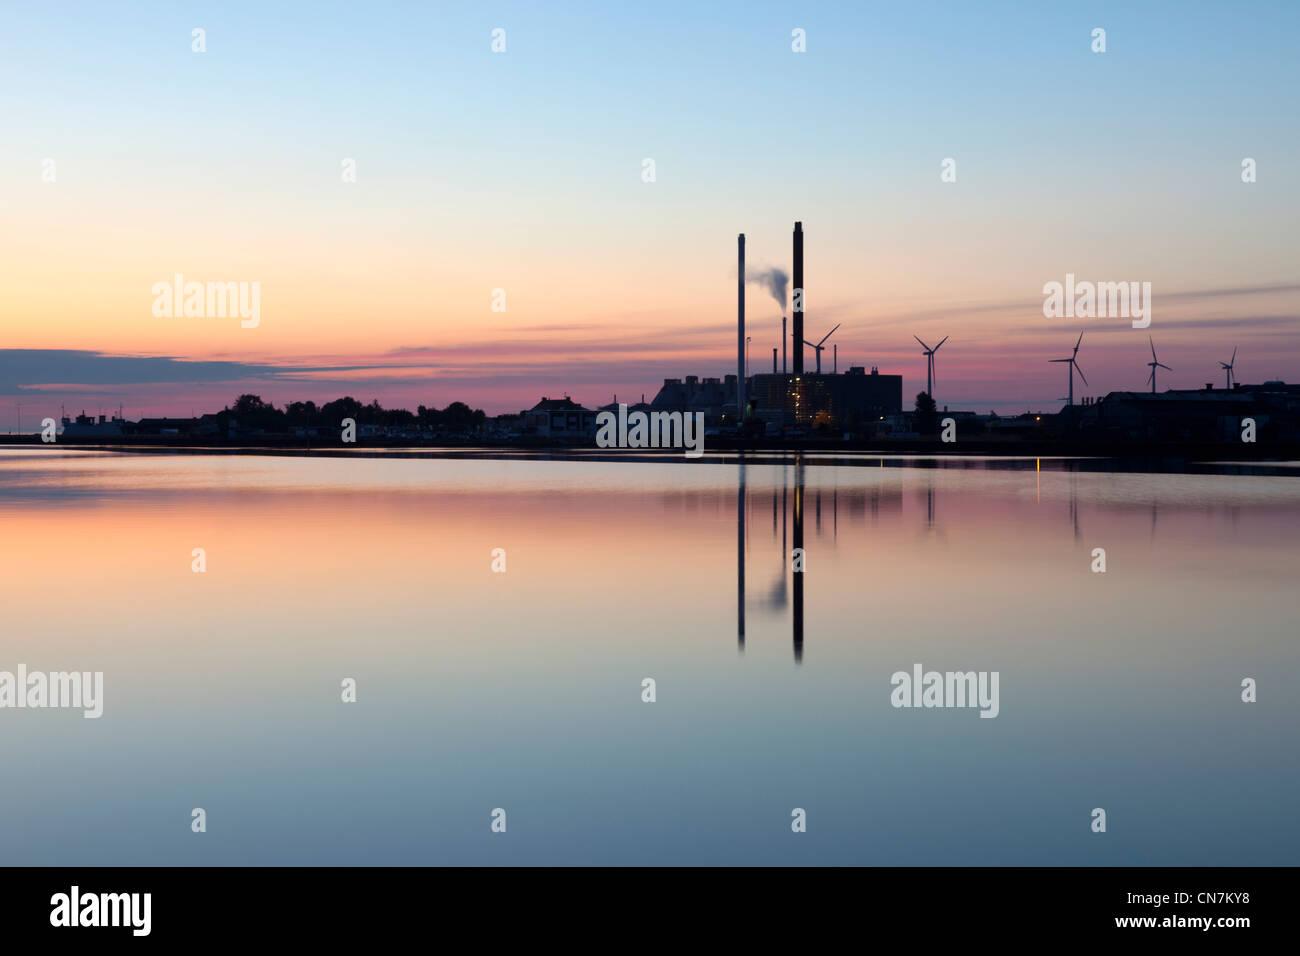 Chimeneas se refleja en el agua Imagen De Stock